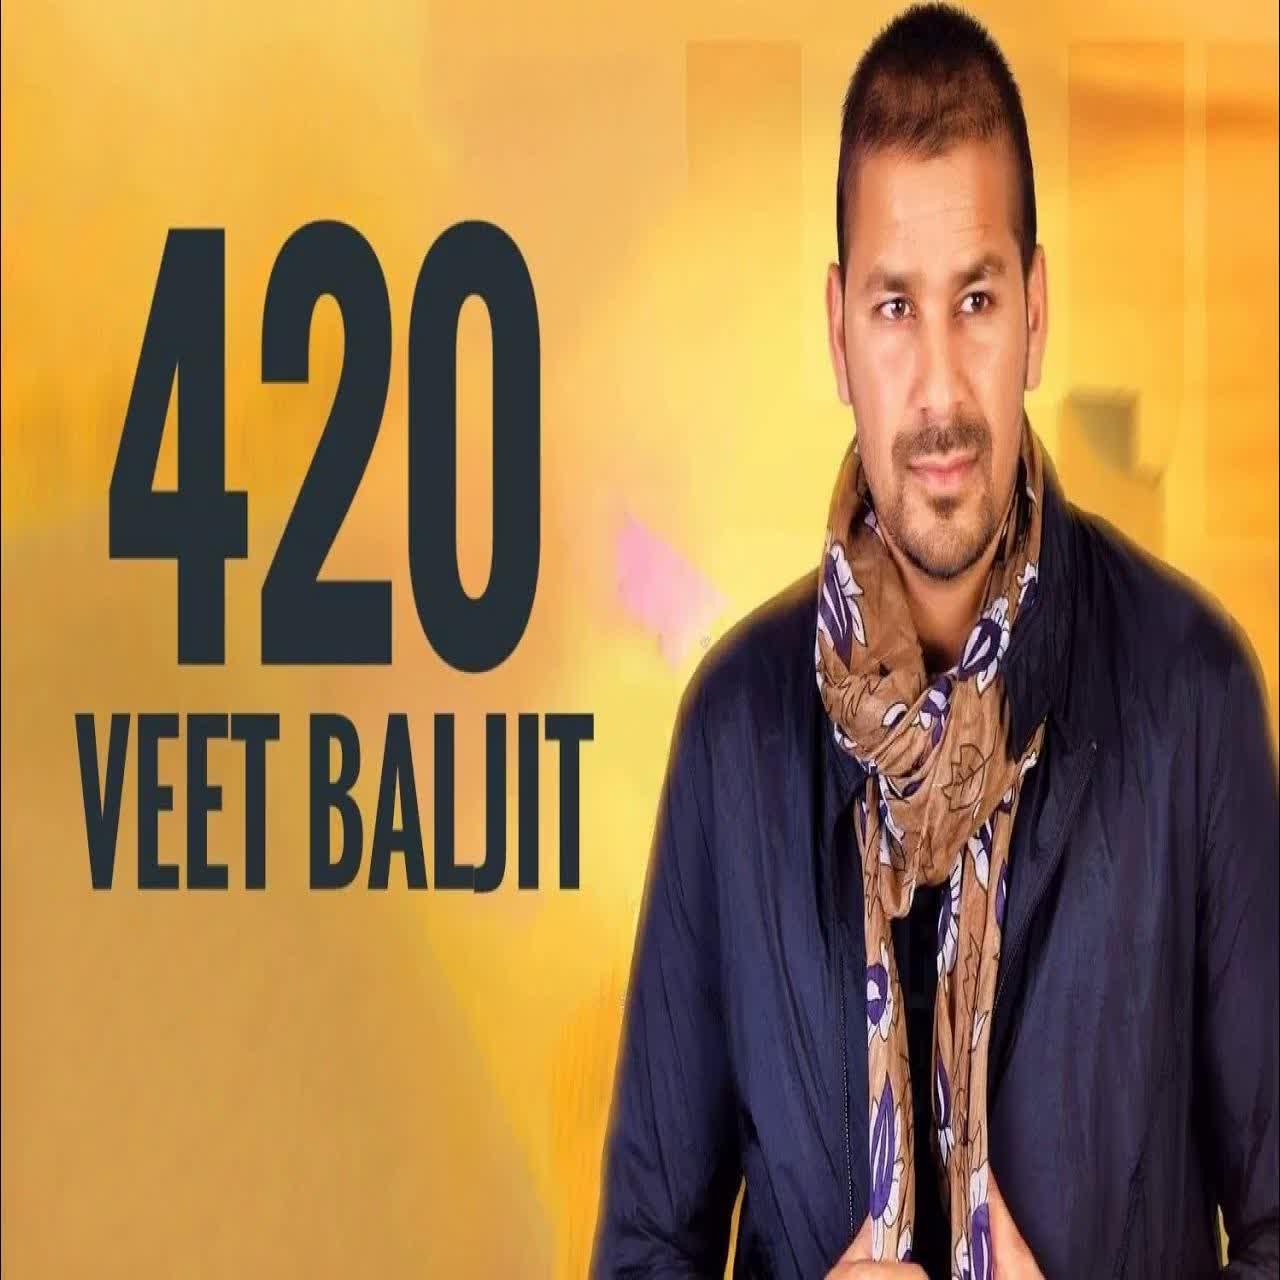 420 Veet Baljit